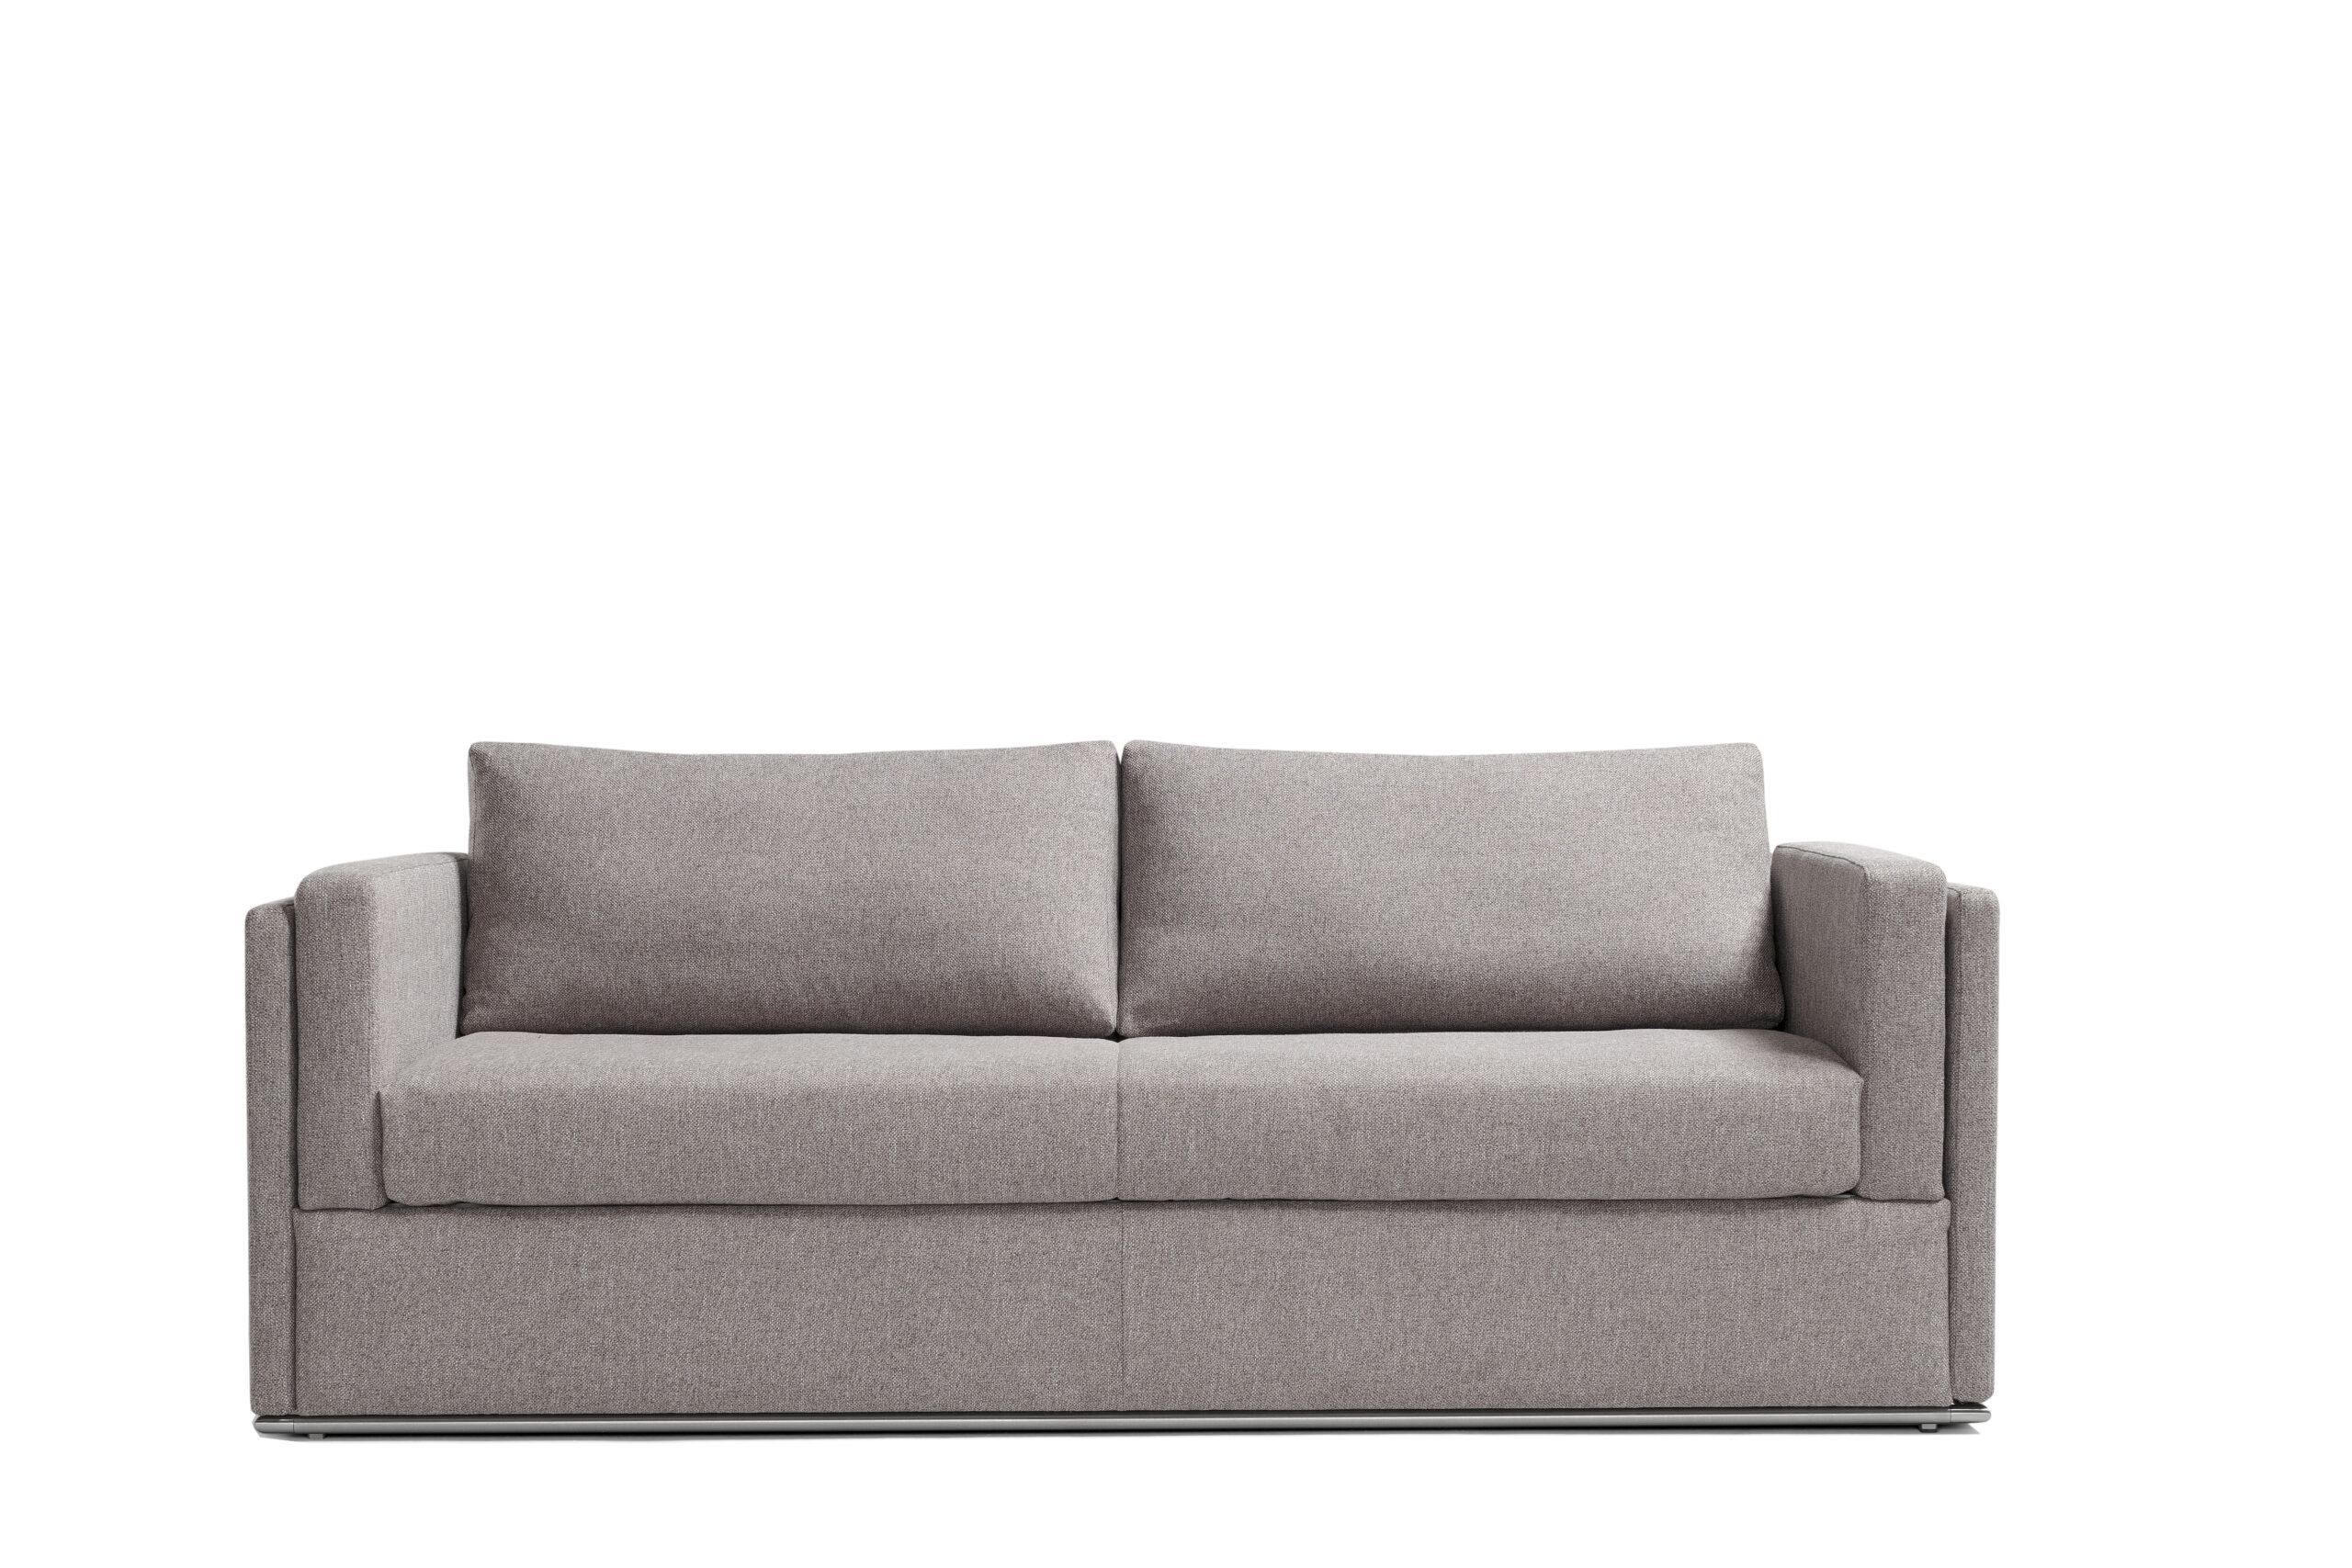 Full Size of Couch Ausklappbar Hochbett Etagenbett Mit Gnstig Versandkostenfrei Pemora Bett Ausklappbares Wohnzimmer Couch Ausklappbar